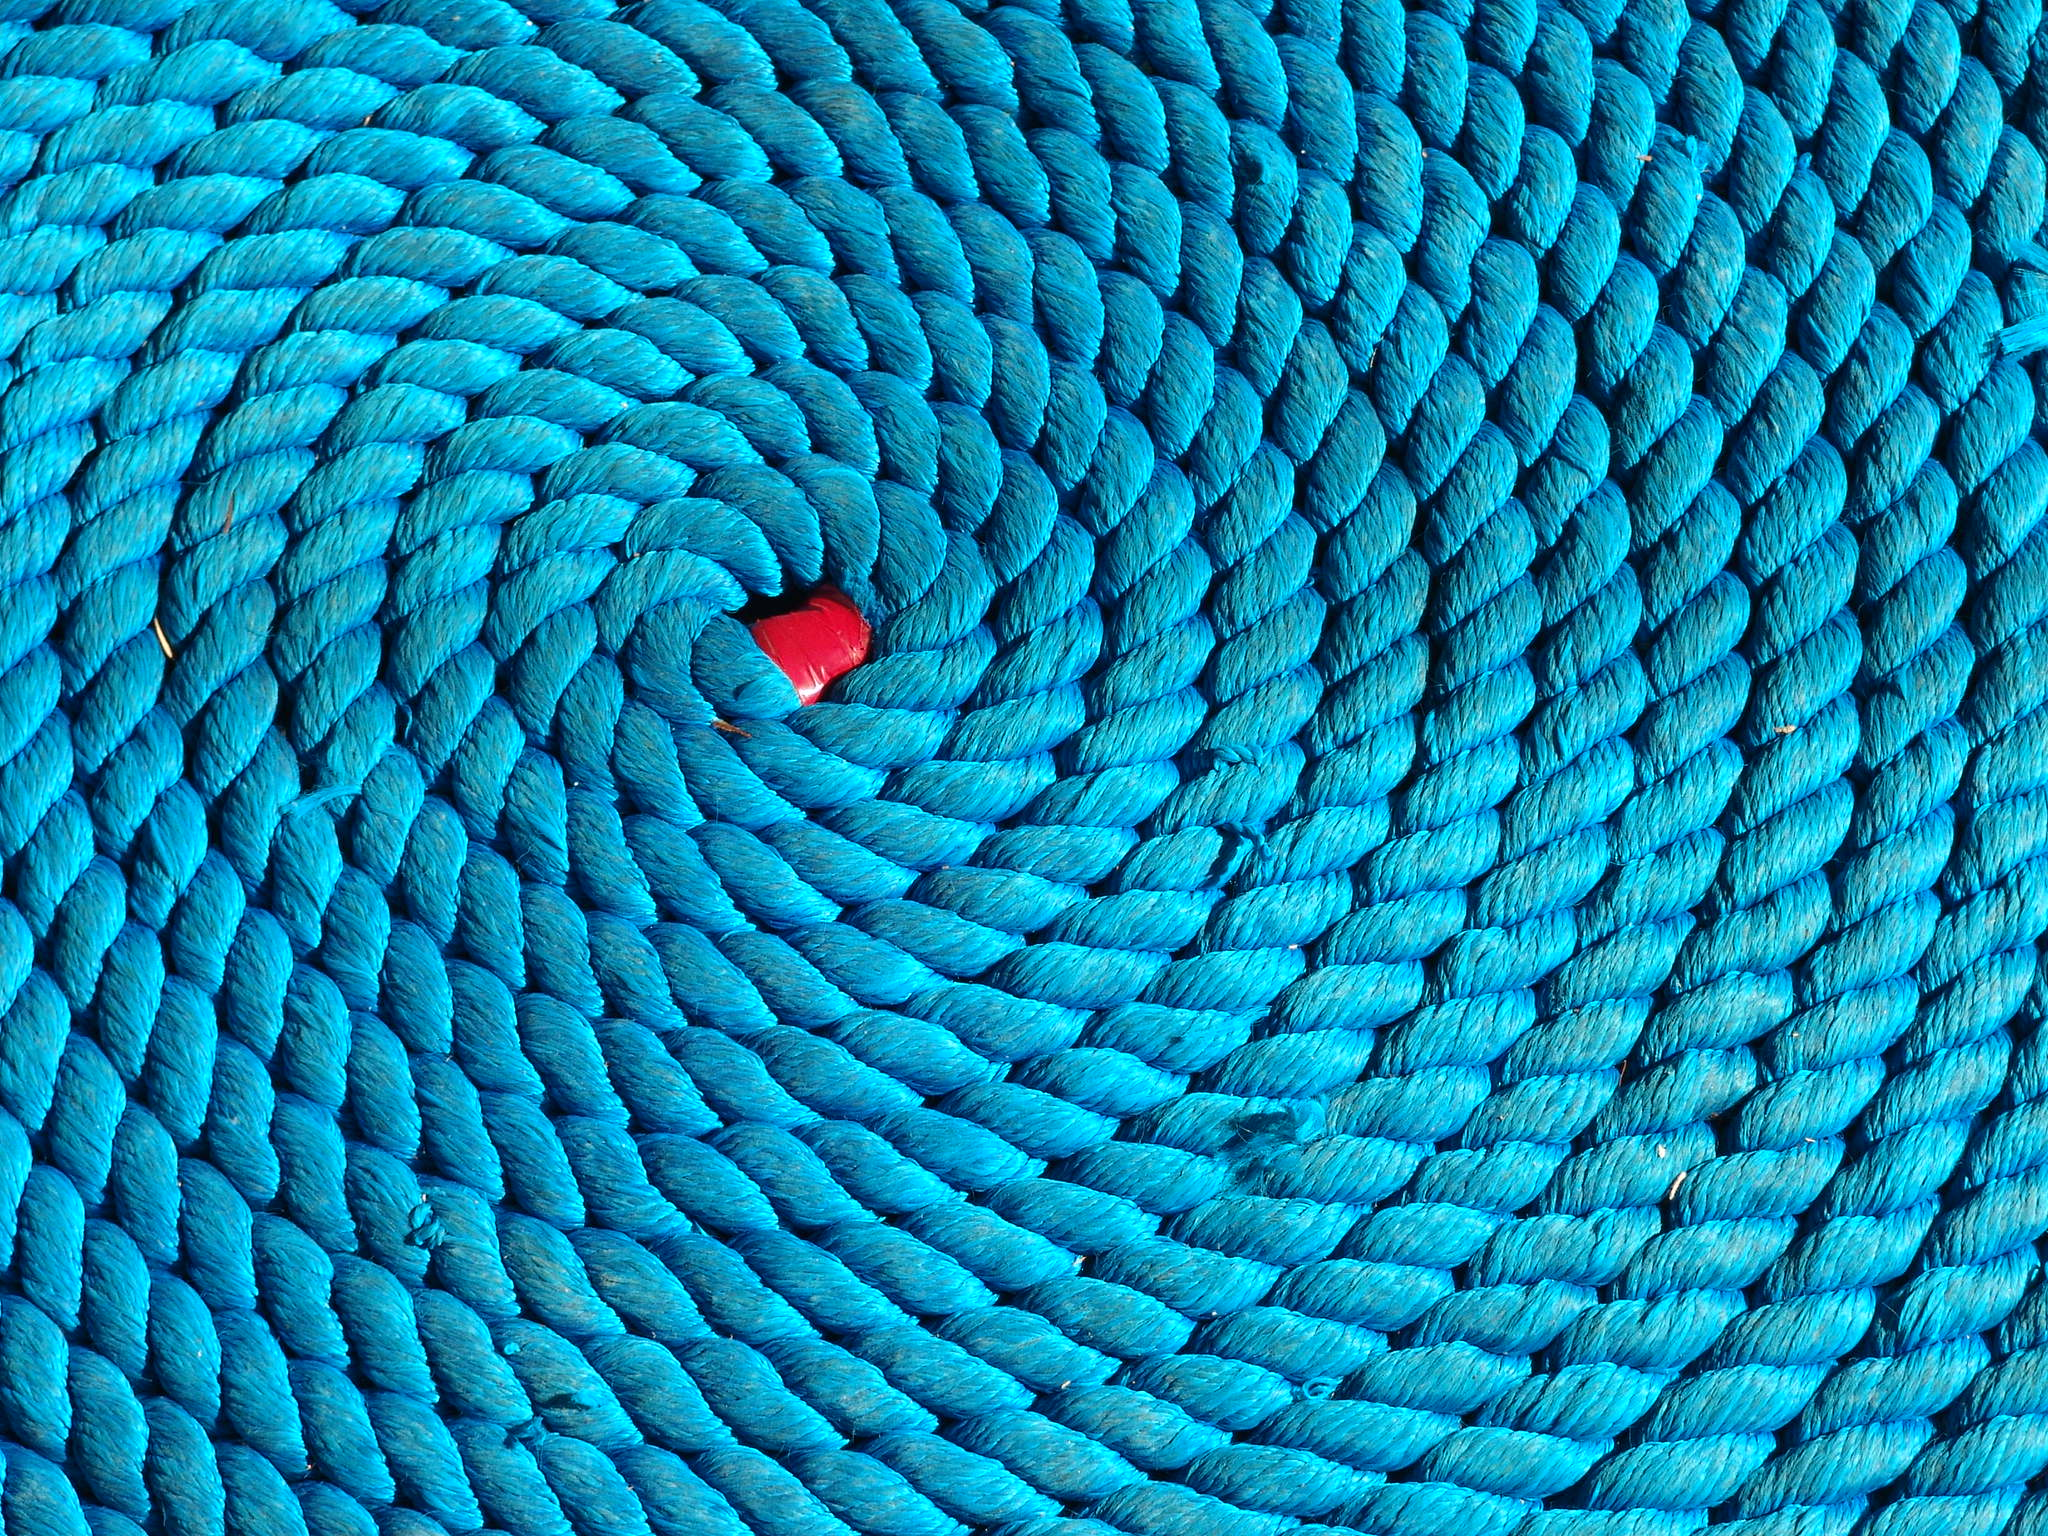 12 modi per trasformare la corda in un elemento d'arredo